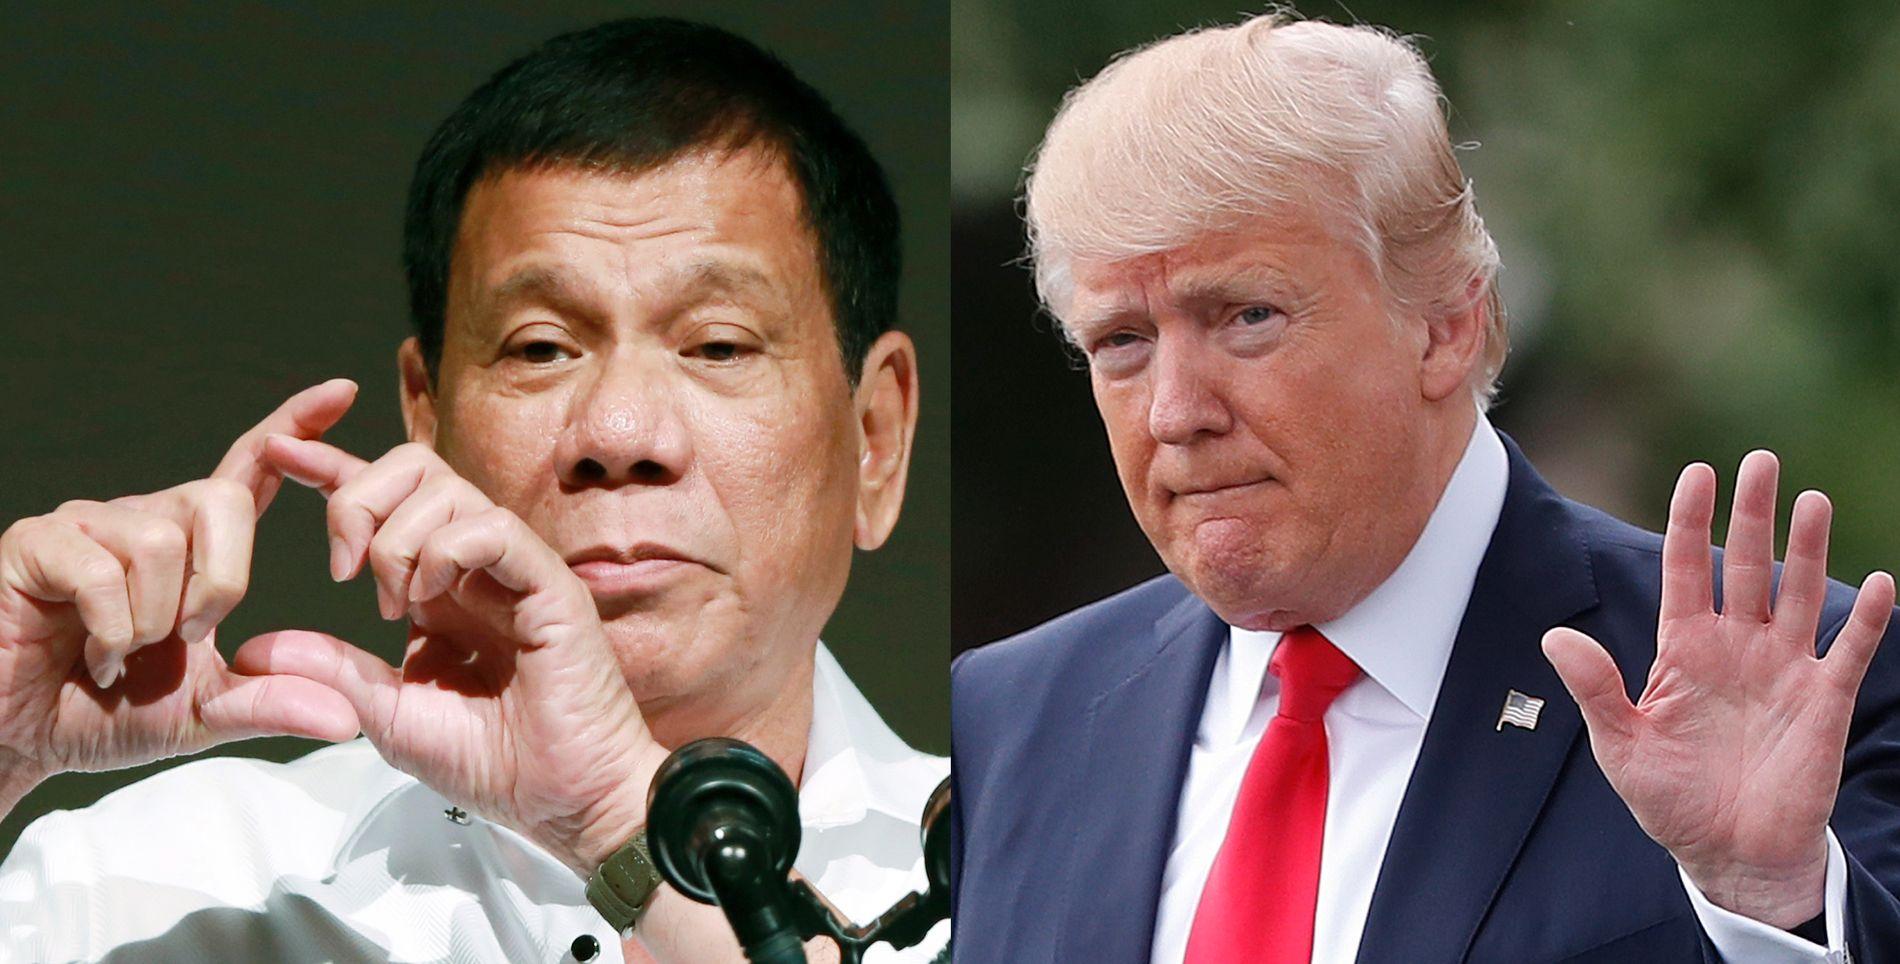 HAR IKKE TID: President Rodrigo Duterte har mye å gjøre i år og er usikker på om han rekker å besøke president Donald Trump.